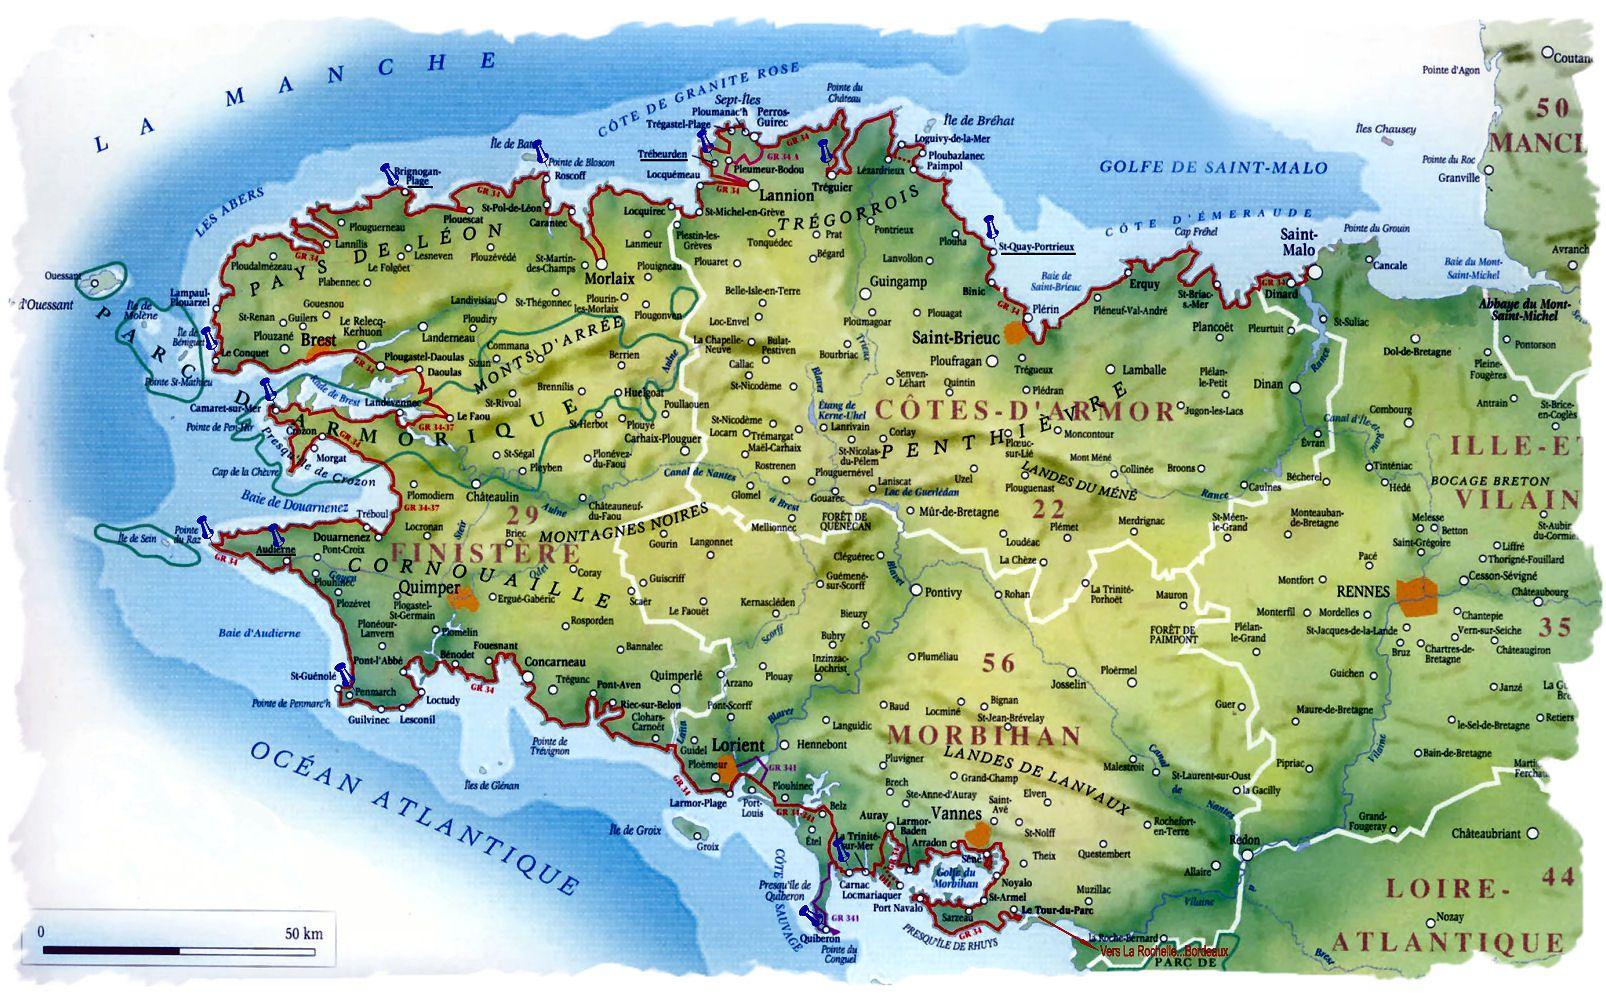 Carte de la bretagne villes relief sites touristiques - Office du tourisme perros guirec bretagne ...